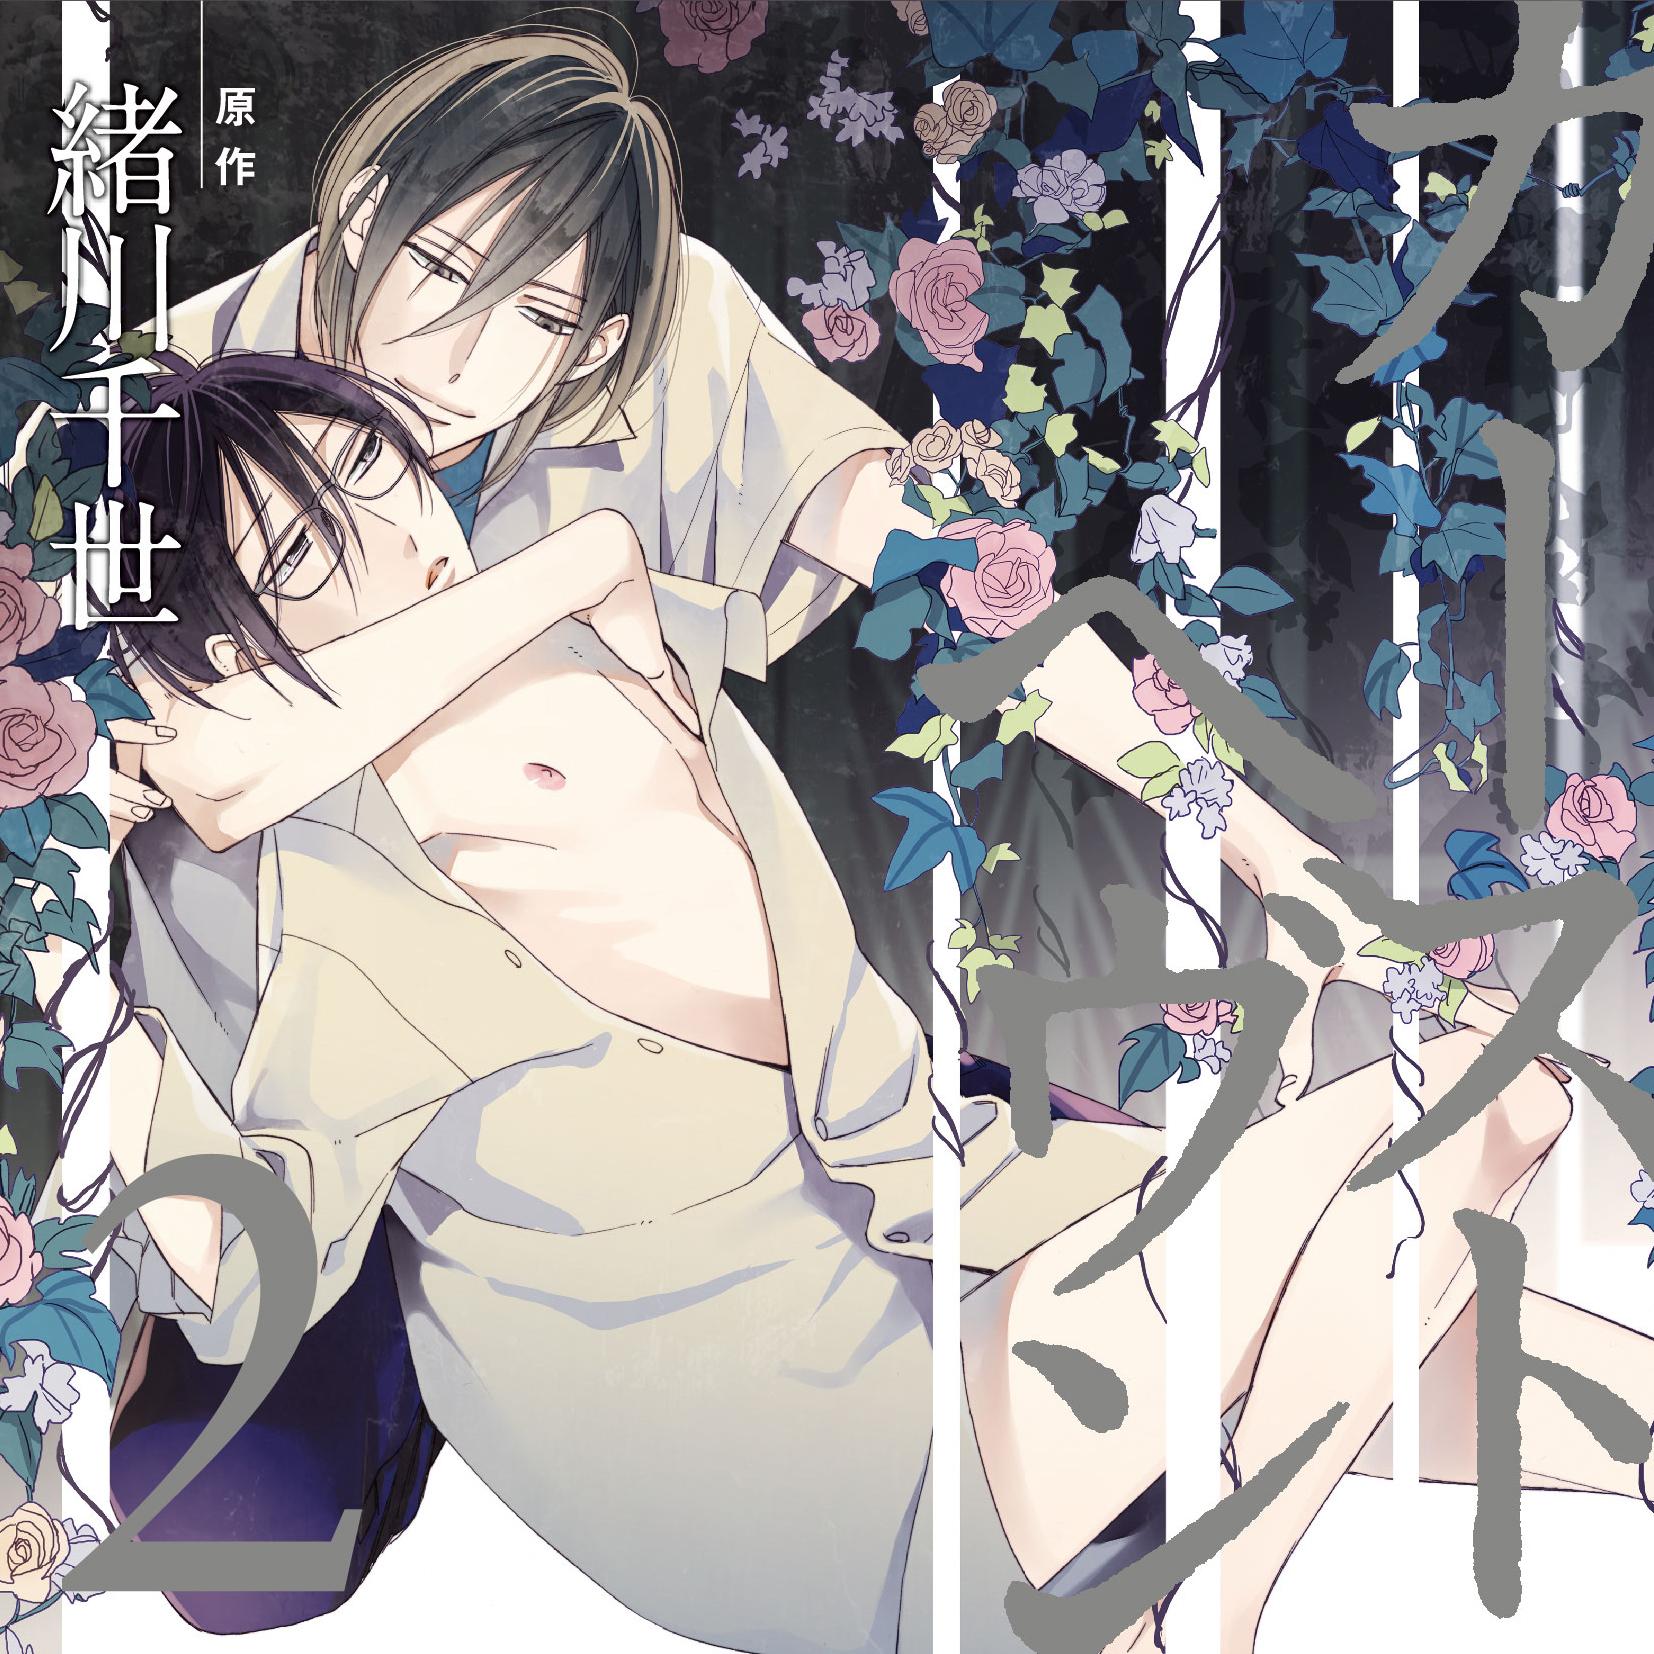 BLCD『カーストヘヴン』『カーストヘヴン2』が「アニメイトオンラインショップ」にてデータ販売開始!